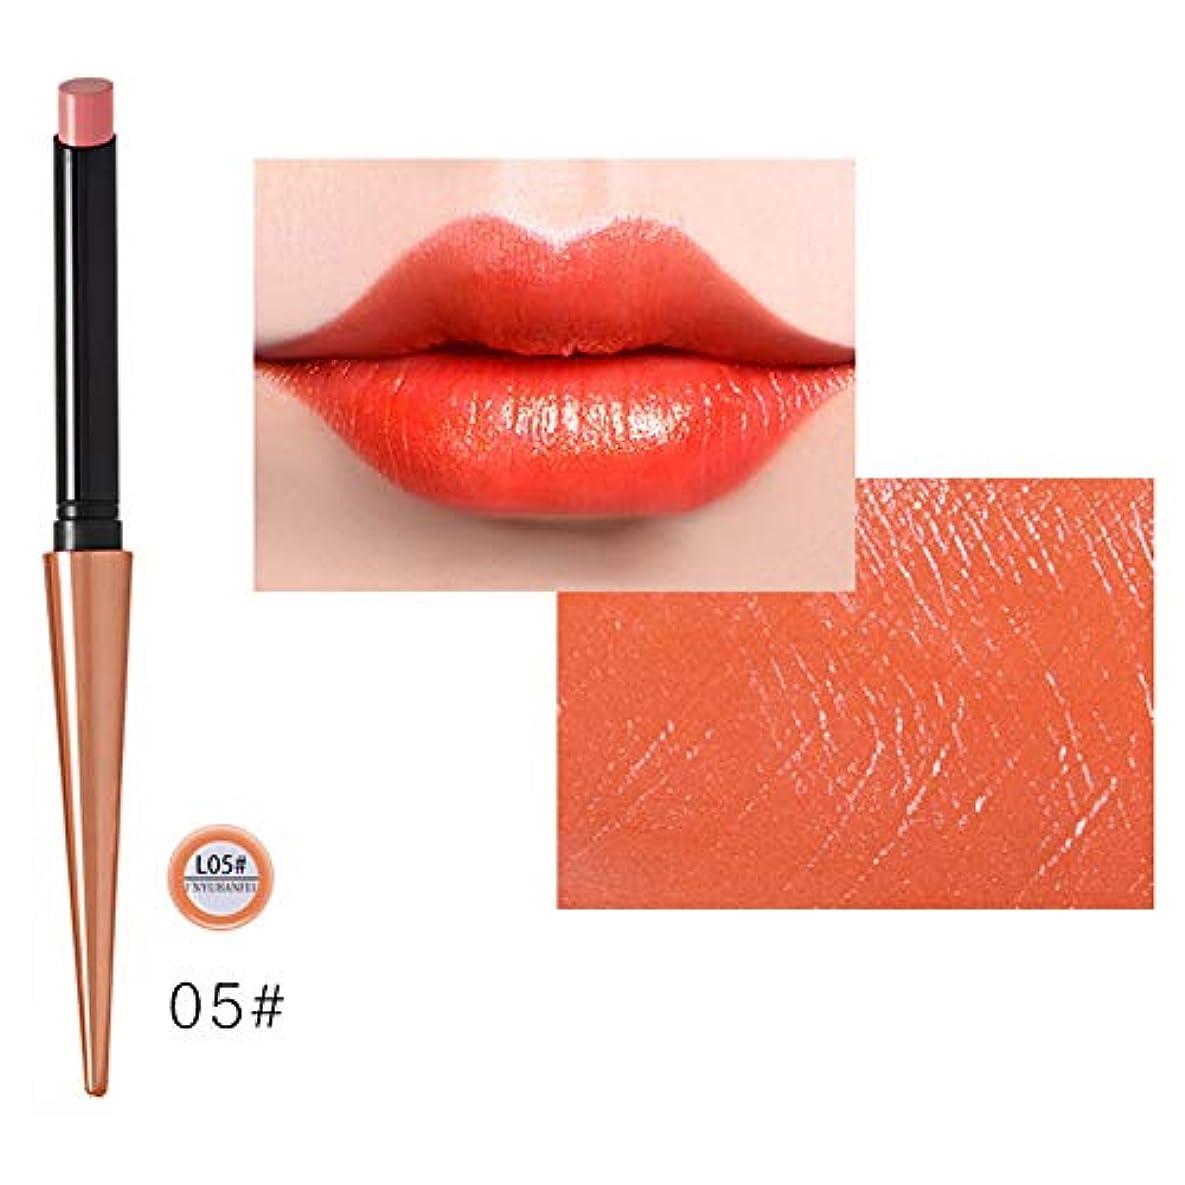 持つジャーナル時代口紅 リップマット リップティント リップスティック リップグロス つや消し 防水 長続き 唇の化粧品 化粧品 10色 Cutelove